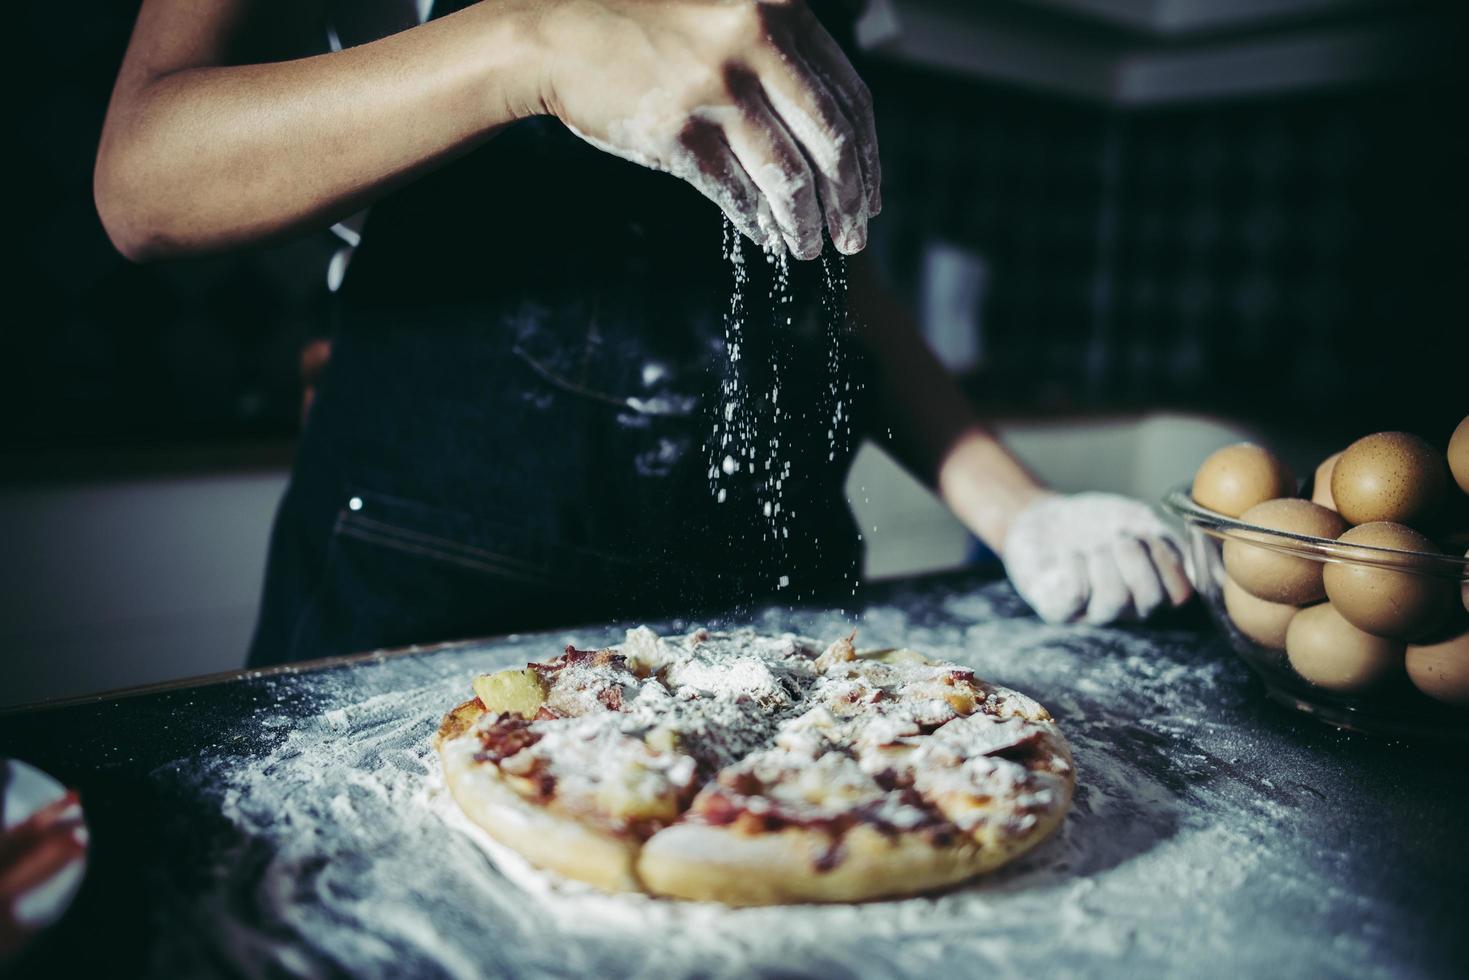 kockens händer som häller mjöl på rå deg foto